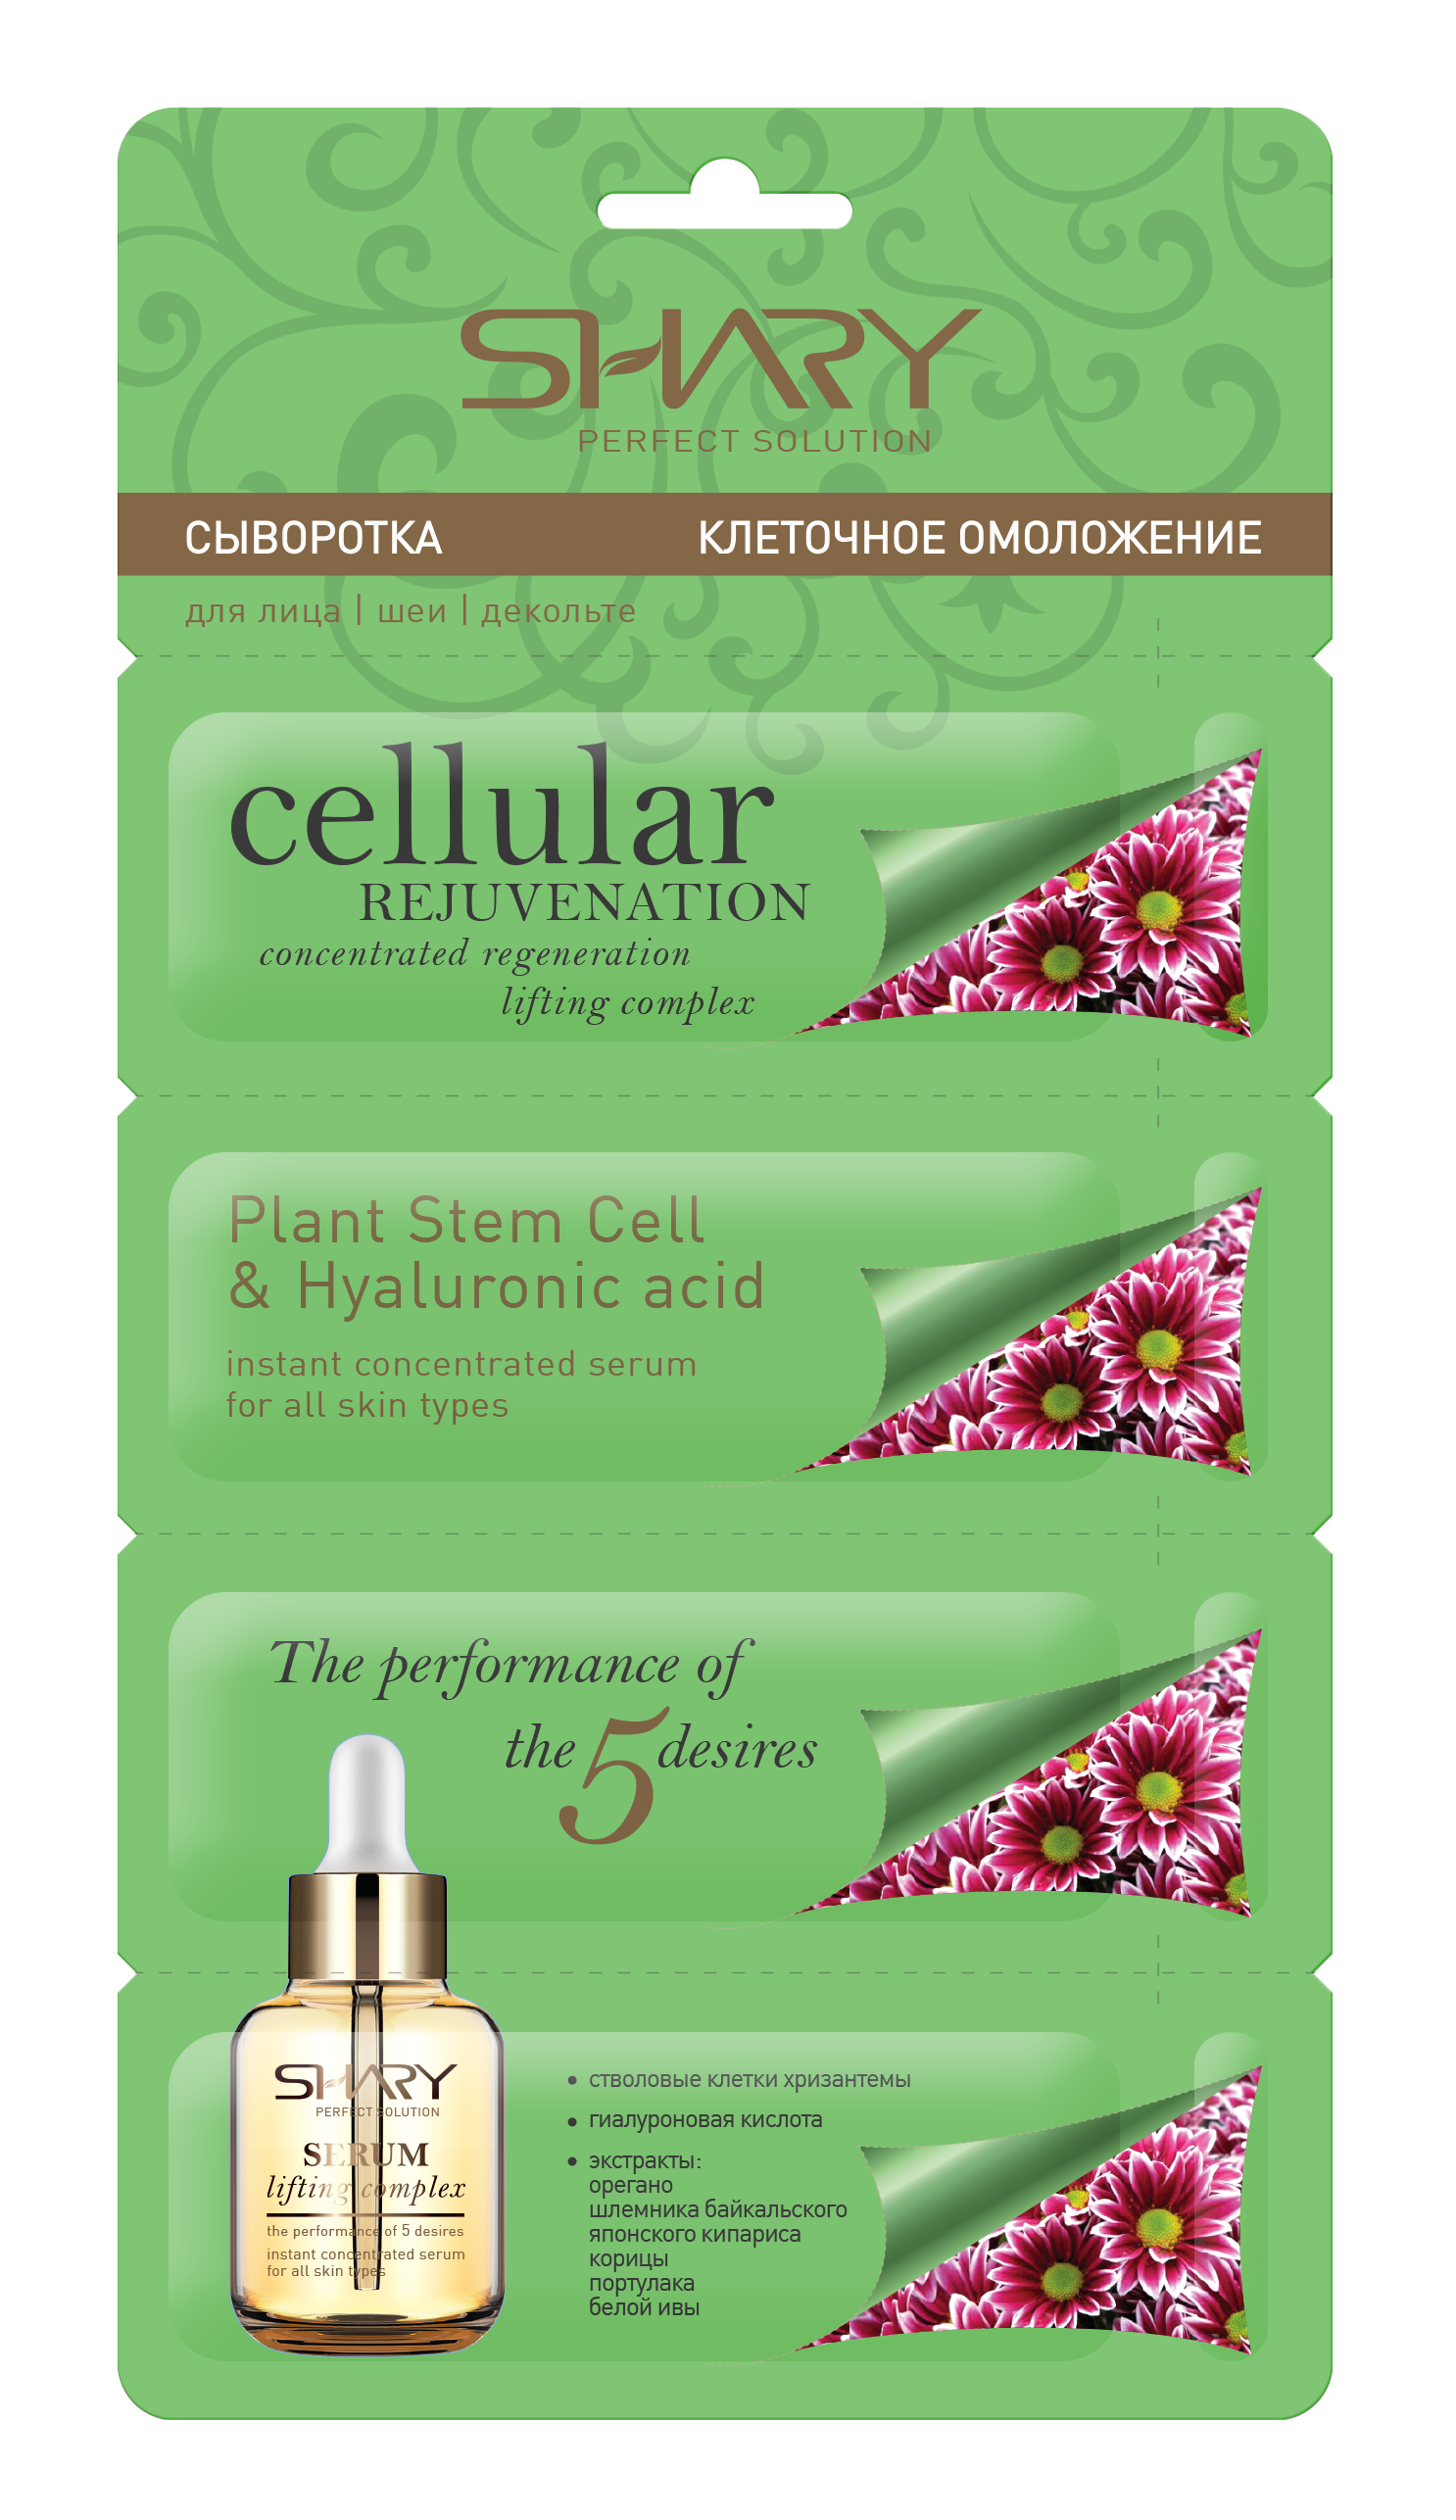 SHARY Сыворотка для лица, шеи, декольте Клеточное омоложение Растительные стволовые клетки /SHARY 2гх4штСыворотки<br>Сыворотка  Клеточное омоложение .Растительные стволовые клетки и гиалуроновая кислота. Концентрированный восстанавливающий лифтинг-комплекс, для всех типов кожи лица, шеи и области декольте. 1 упаковка на 4 применения (2г*4 шт) Концентрированный восстанавливающий лифтинг-комплекс, для всех типов кожи. Восстанавливающая сыворотка с растительными стволовыми клетками и гиалуроновой кислотой - настоящий  концентрат молодости , который способен сделать кожу невероятно гладкой и упругой. Воздействуя на внутриклеточные структуры, активизирует процессы обновления и обмена веществ, глубоко увлажняя и насыщая кожу кислородом. Стволовые клетки хризантемы восстанавливают энергетический потенциал клеток кожи, нейтрализуют свободные радикалы, замедляют процессы старения, оказывают стимулирующее действие на фибробласты, увеличивая выработку собственного коллагена. Мгновенная впитываемость, нежная текстура и роскошный аромат приносят удовольствие от самого процесса ухода за кожей. Активные ингредиенты: стволовые клетки хризантемы, гиалуроновая кислота, экстракты: орегано, шлемника байкальского, корицы, портулака, белой ивы, японского кипариса. Состав: Water, Glycerin, Caprylic/ Capric triglyceride, Chrysanthemum Indicum Callus Culture Extract, Salix Alba (Willow) Bark Extract, Origanum Vulgare Leaf Extract, Chamaecyparis Obtusa Leaf Extract, Lactobacillus/Soybean Ferment Extract, Cinnamomum Cassia Bark Extract, Scutellaria Baicalensis Root Extract, Portulaca Oleracea Extract, Sodium Hyaluronate, Cetearyl Alcohol, Dimethicone, Glyceryl Stearate, Allantoin, Trehalose, Stearic Acid, Sorbitan Sesquioleate, Polysorbate 60, Xanthan Gum, Sodium Polyacrylate, Carbomer, Triethanolamine, Disodium EDTA, Ethylhexylglycerin, Phenoxyethanol, Fragrance. Способ применения: 1.Сыворотка наносится 1-2 раза в день на предварительно очищенную кожу по массажным линиям, двигаясь от области